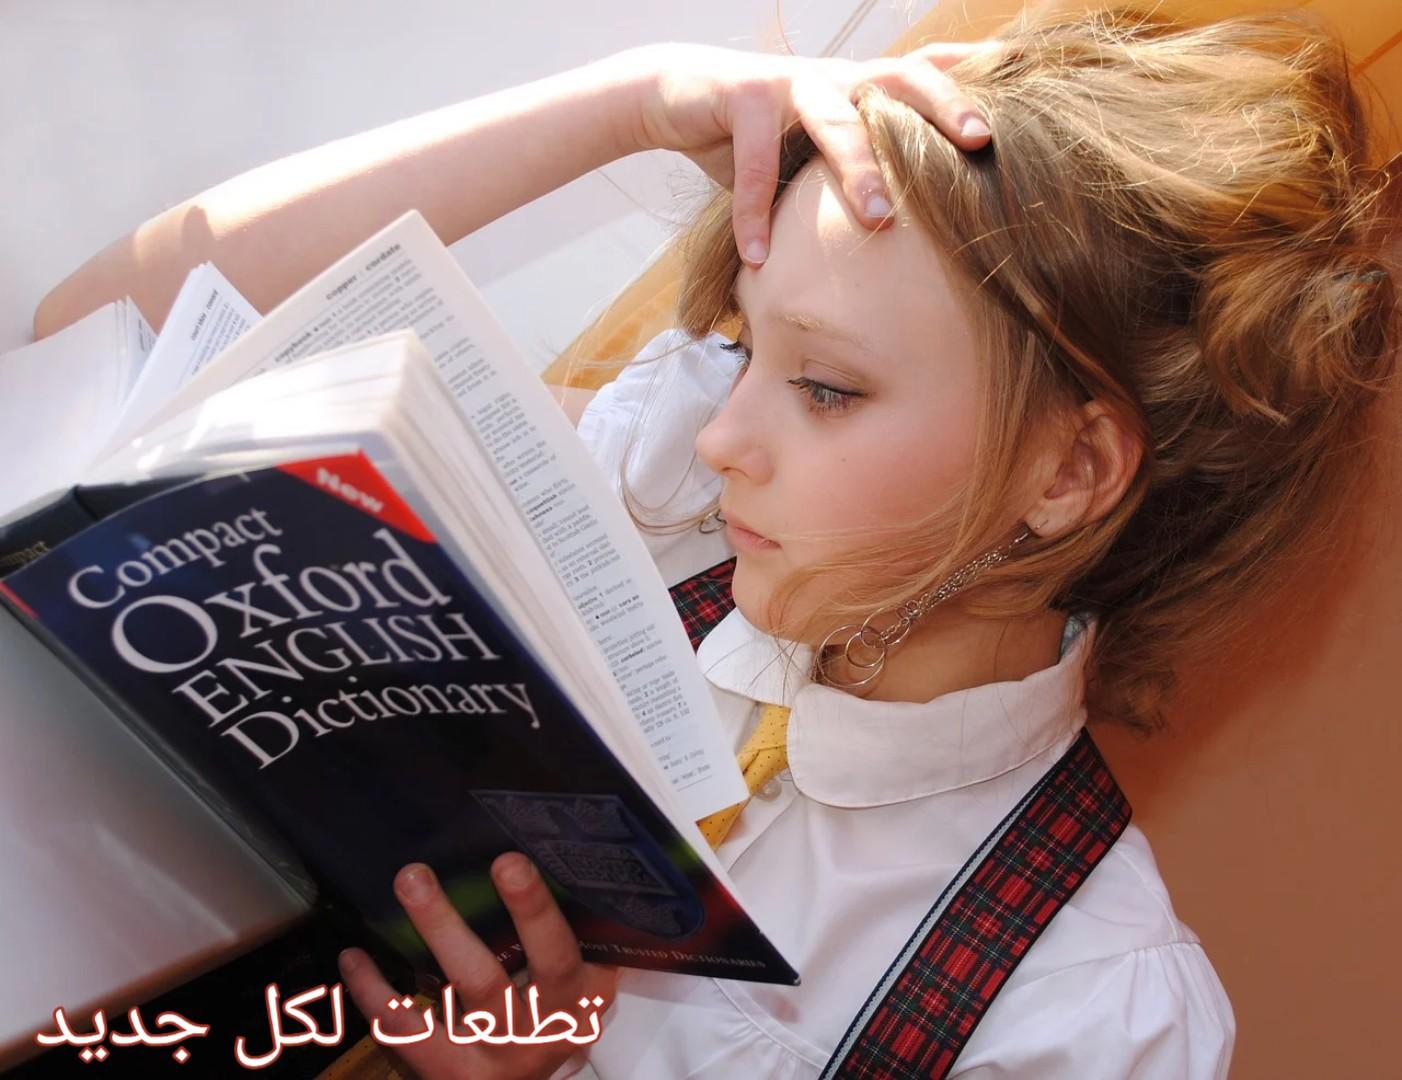 6 أسباب تجعلك تتعلم لغة جديدة من الصفر وحتى الاحتراف